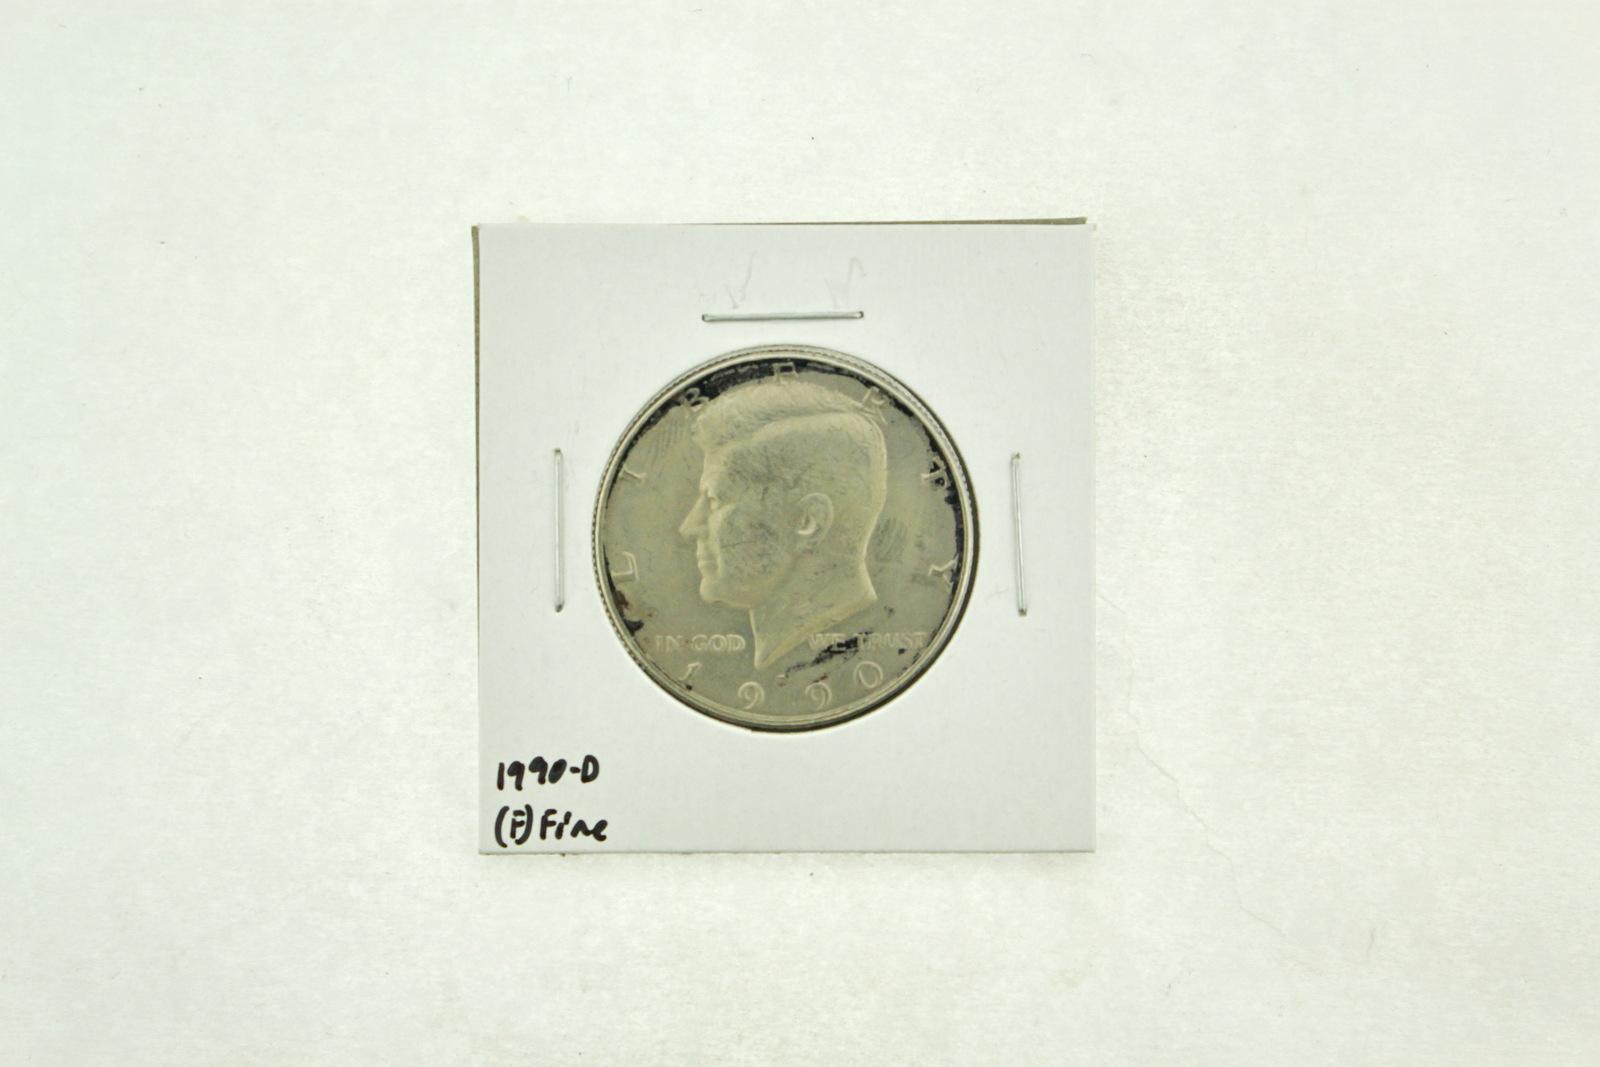 1990-D Kennedy Half Dollar (F) Fine N2-3833-5